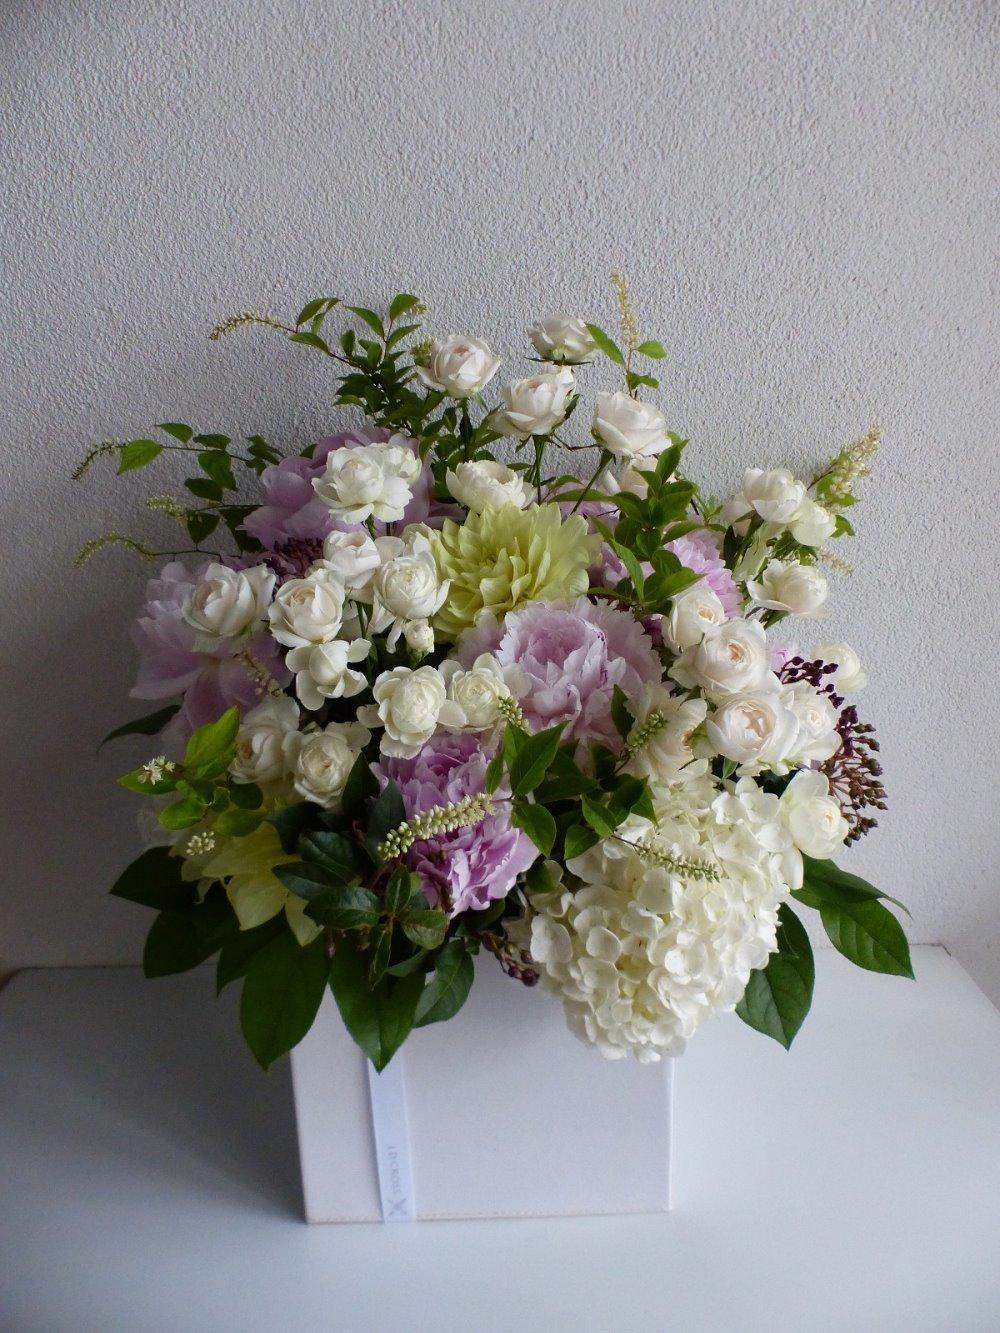 クリニック様の開業祝い花